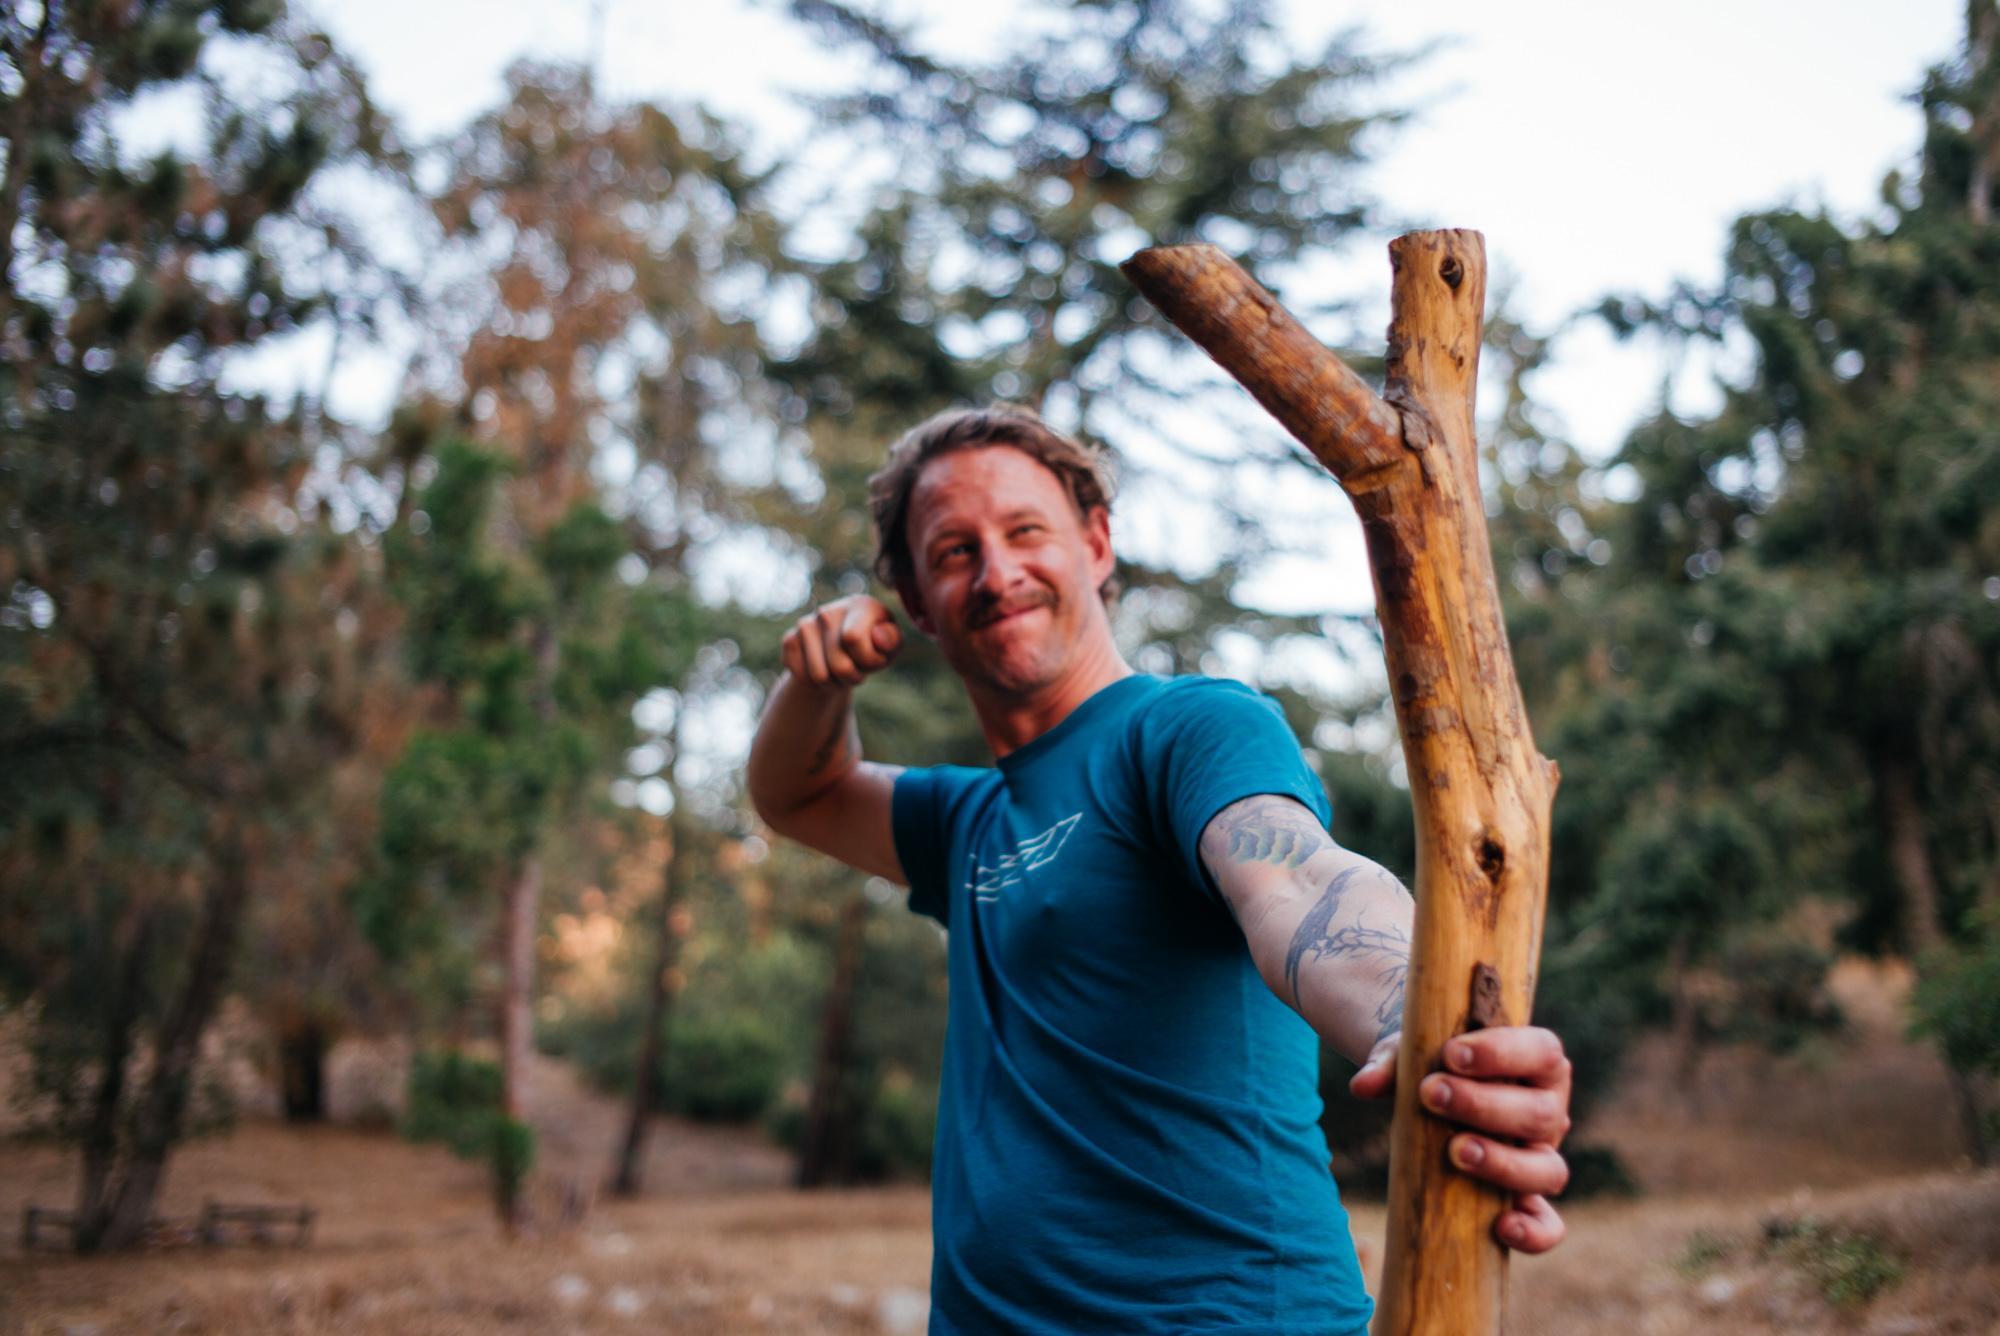 Mike's slingshot